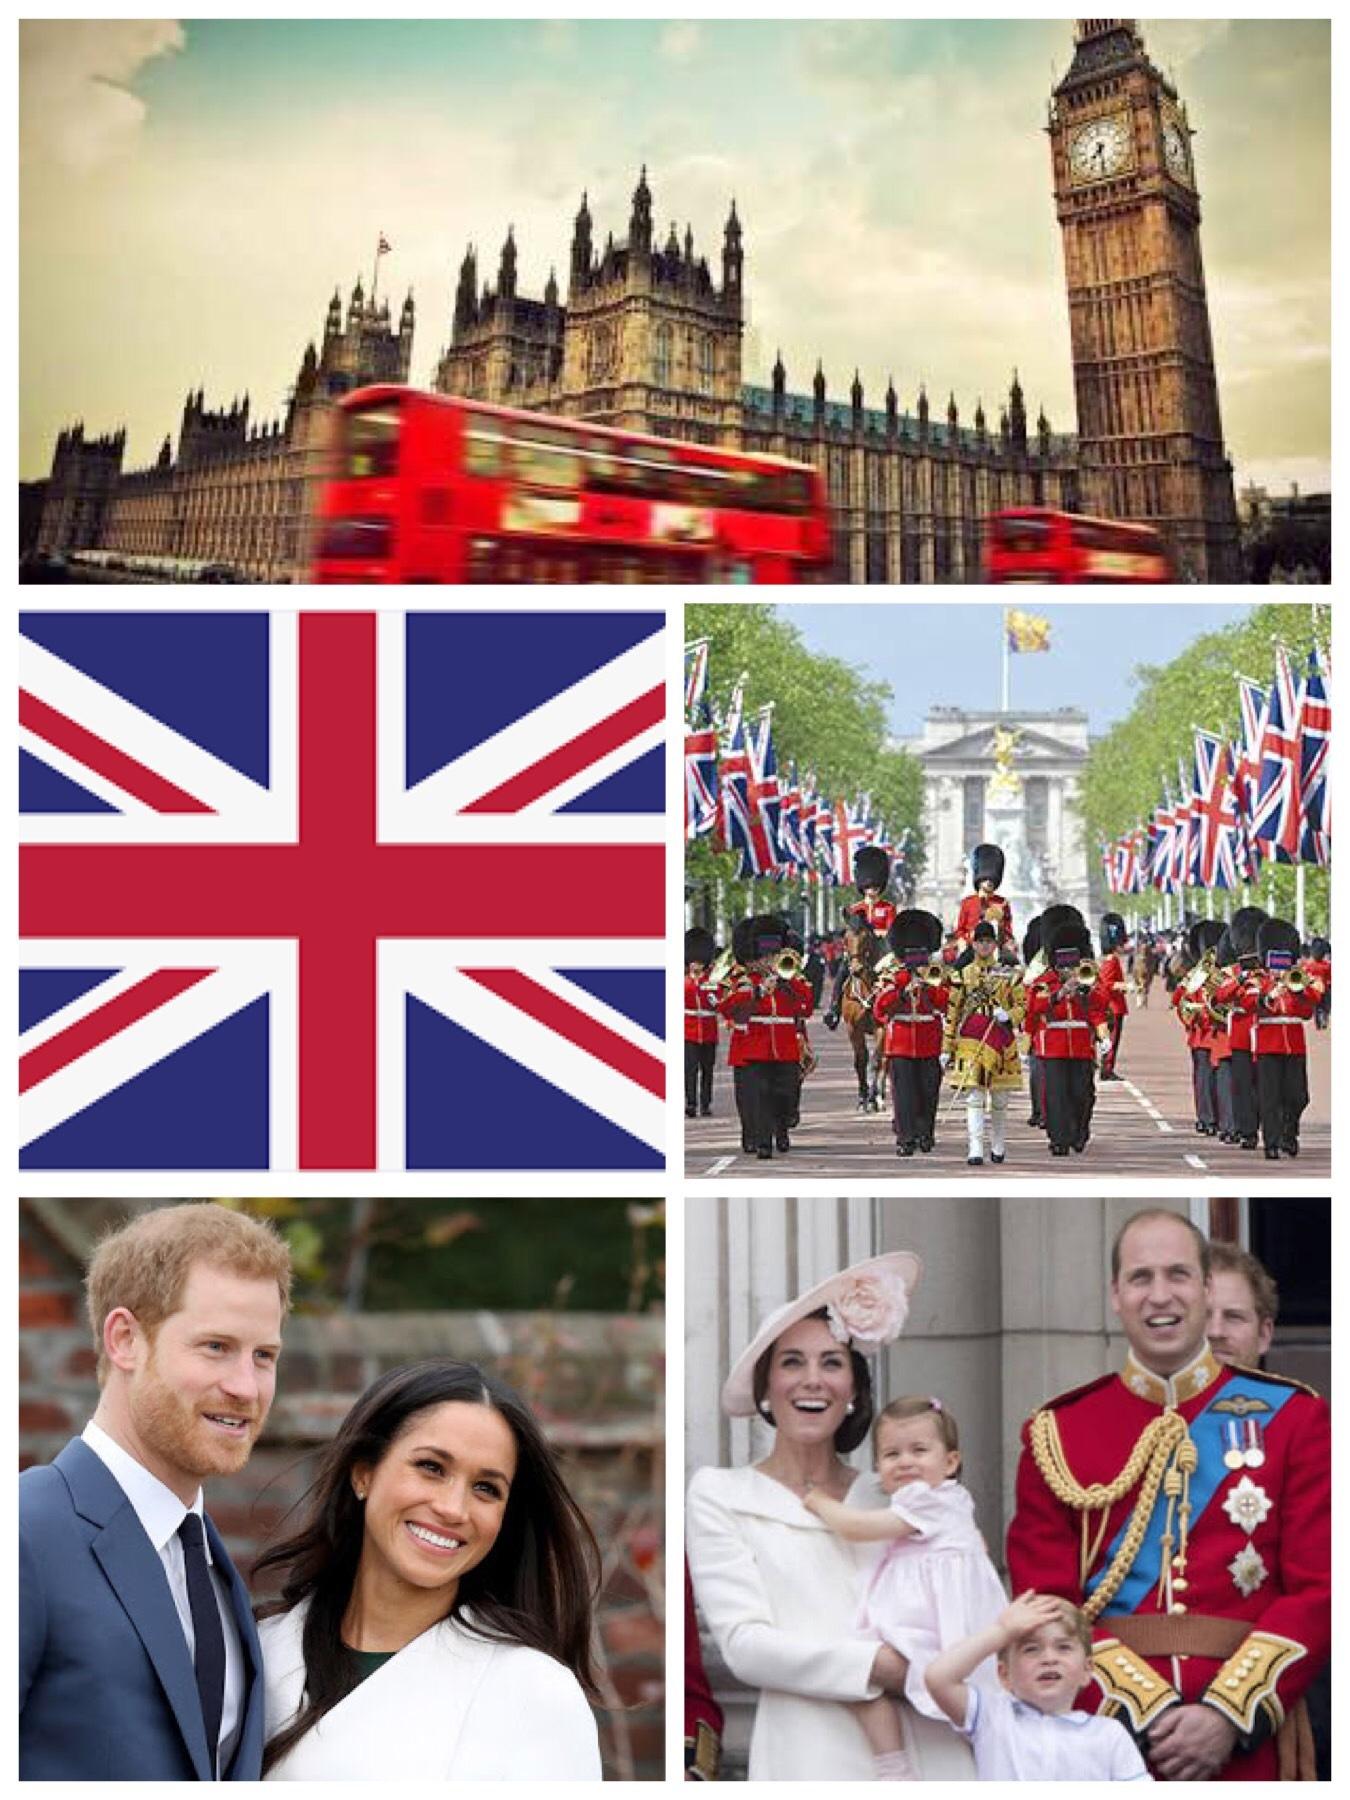 英国 イギリス アウトランダーPHEV